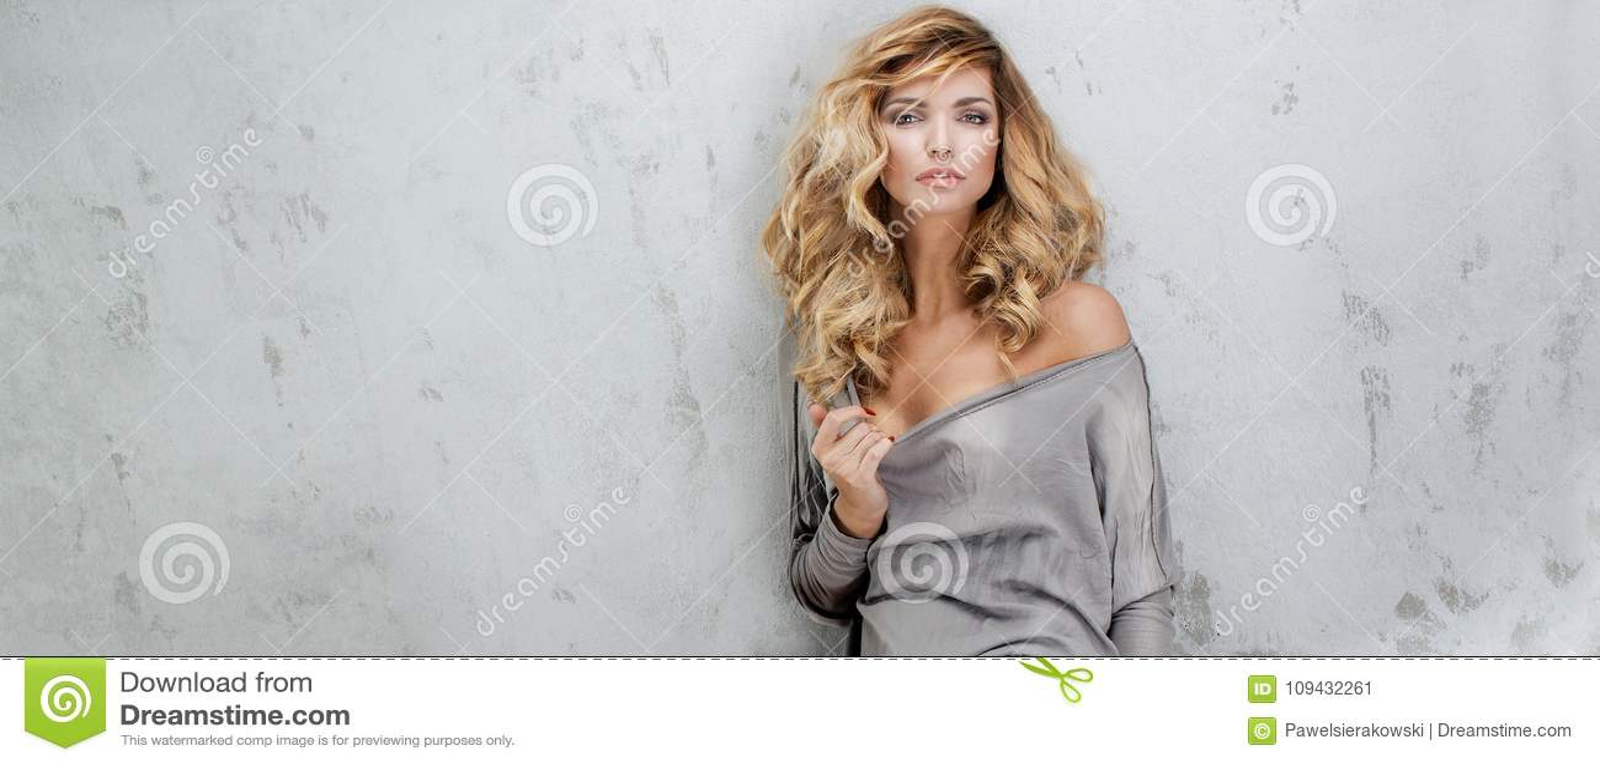 Bella Donna Bionda Con Capelli Lunghi Immagine Stock ...